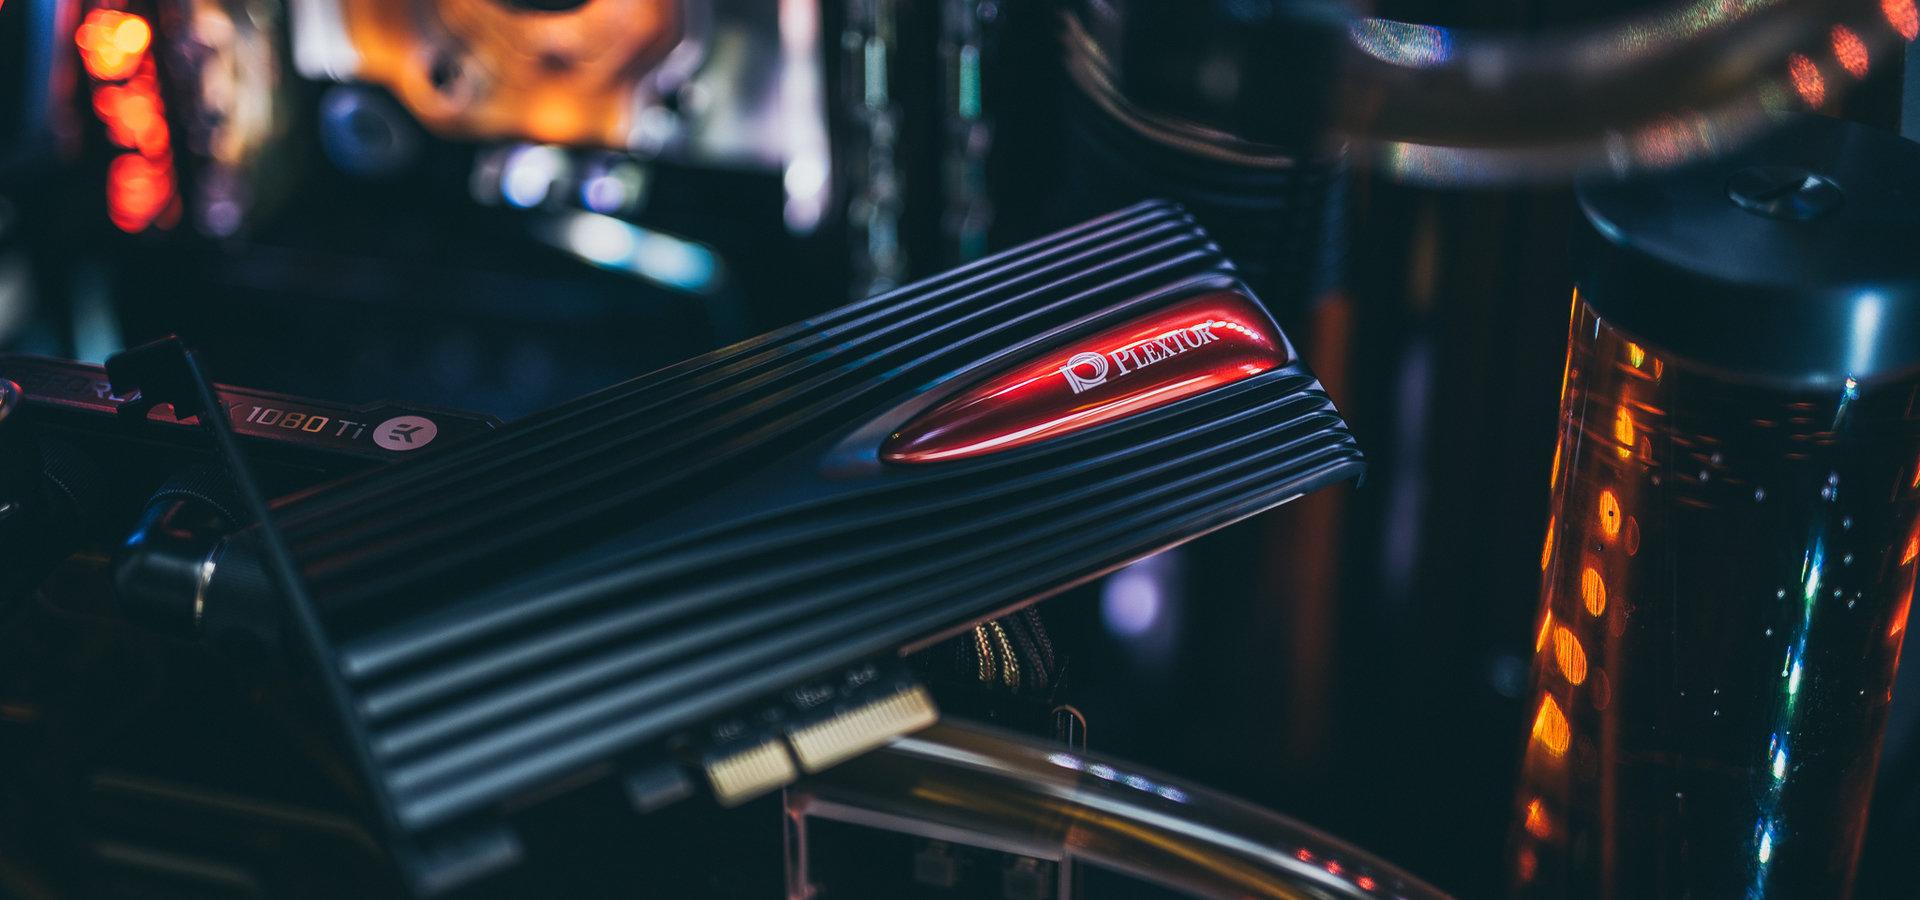 Dyski SSD skazane na ekspansję. Co przyniesie przyszłość?